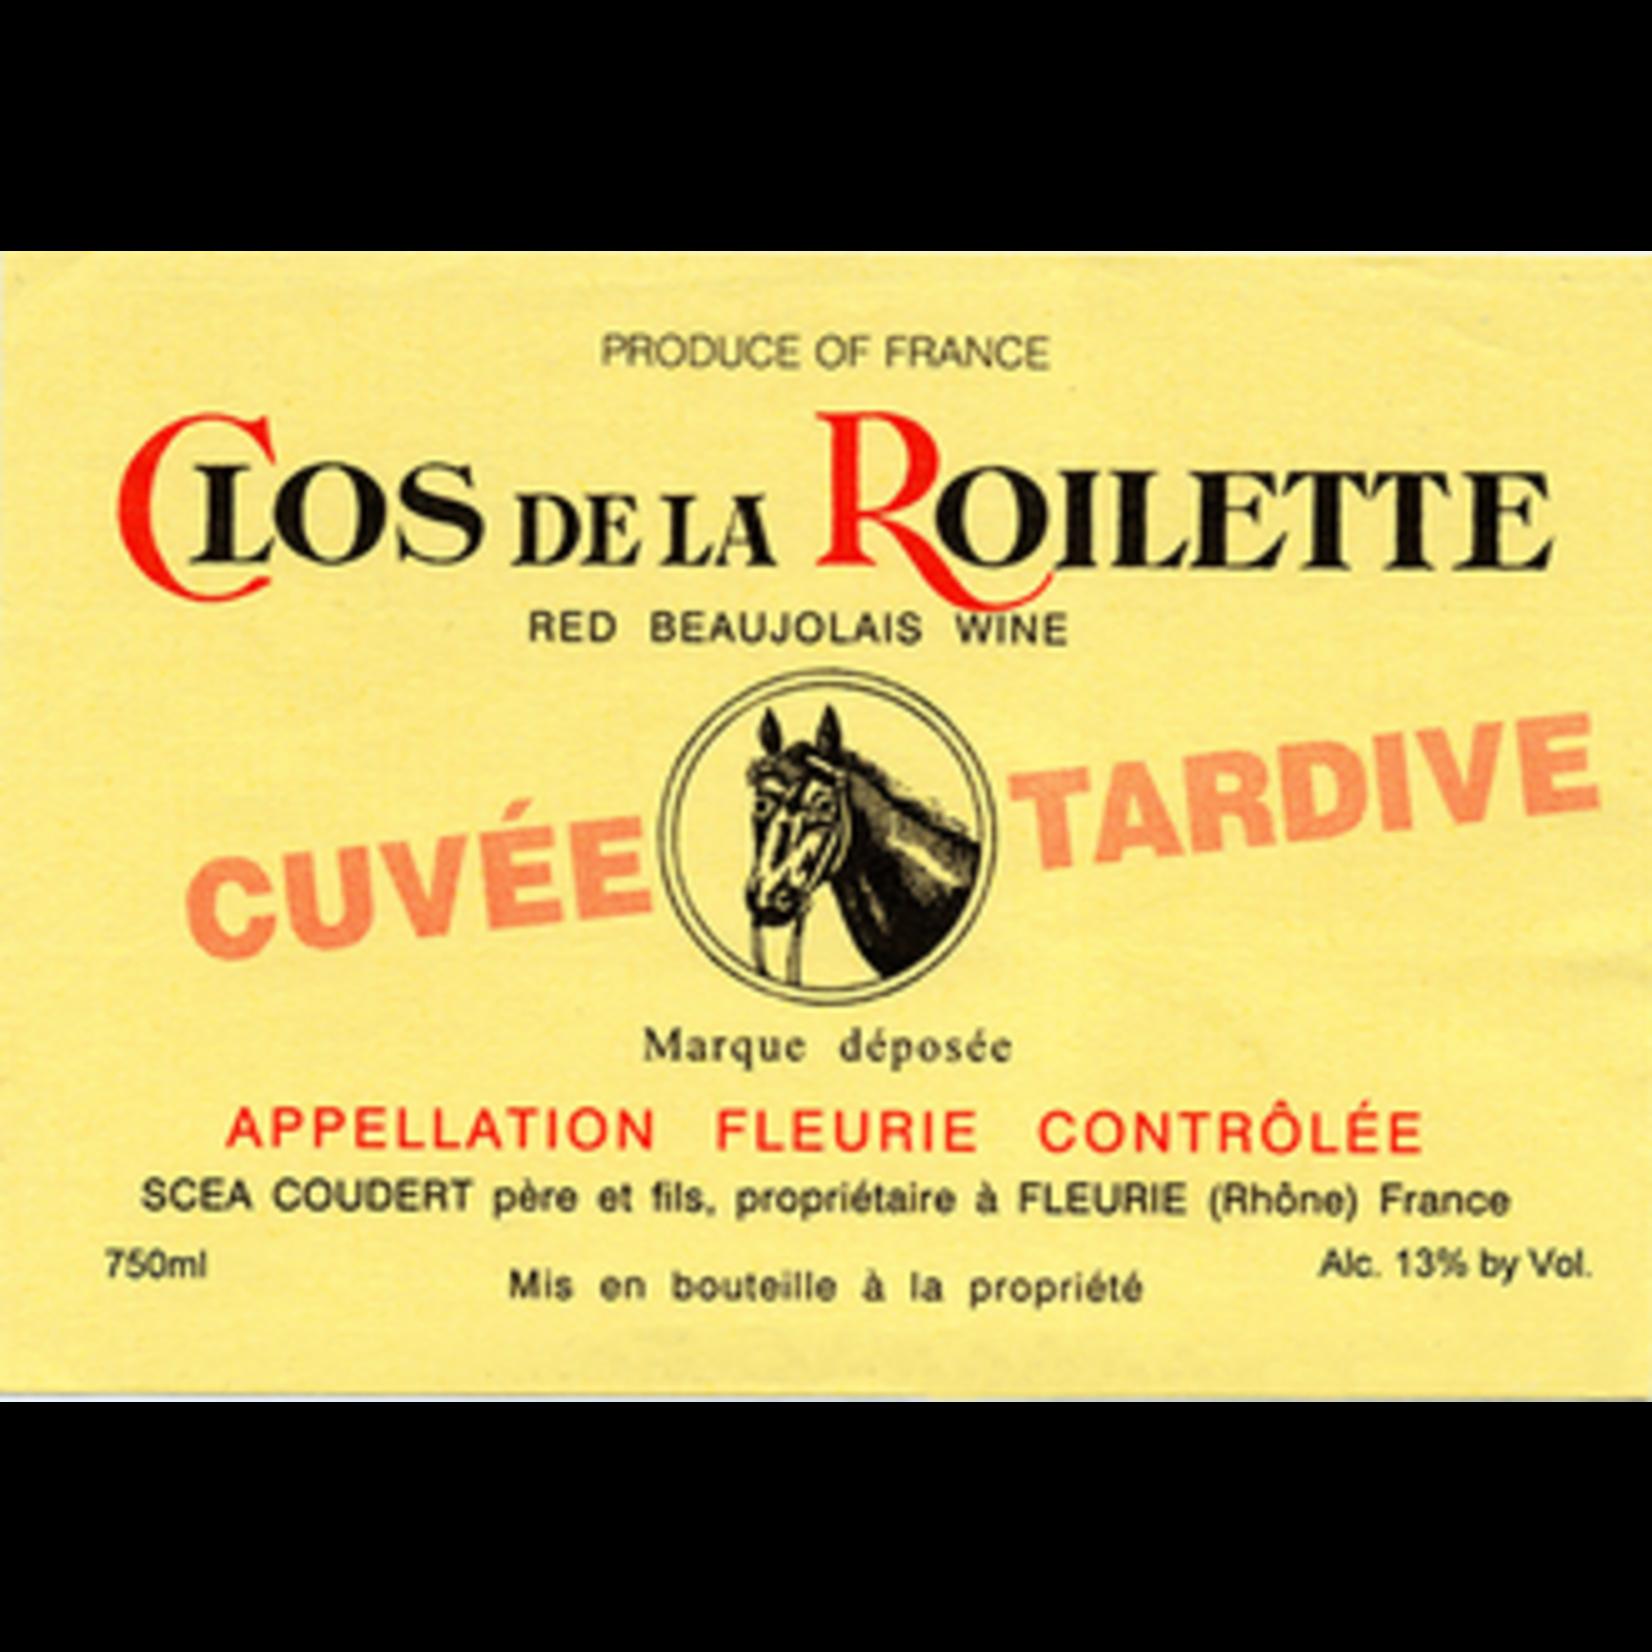 Wine Clos de la Roilette Beaujolais Fleurie Cuvee Tardive 2020 1.5L